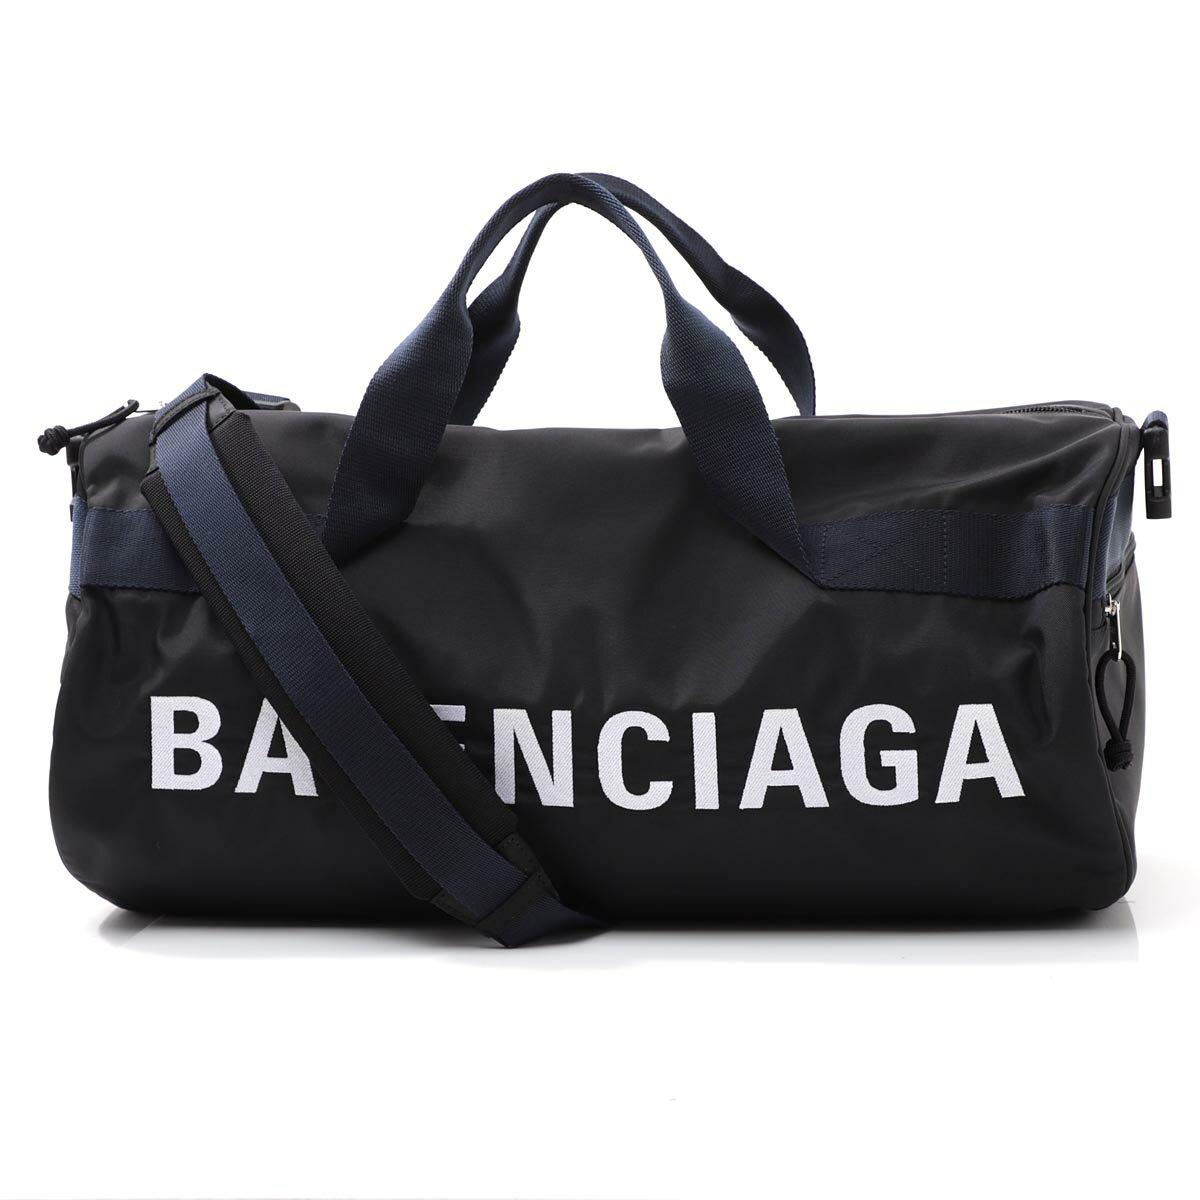 メンズバッグ, ボストンバッグ  BALENCIAGA 2WAY 581807 hpg1x 1090 WHEEL GYM BAG